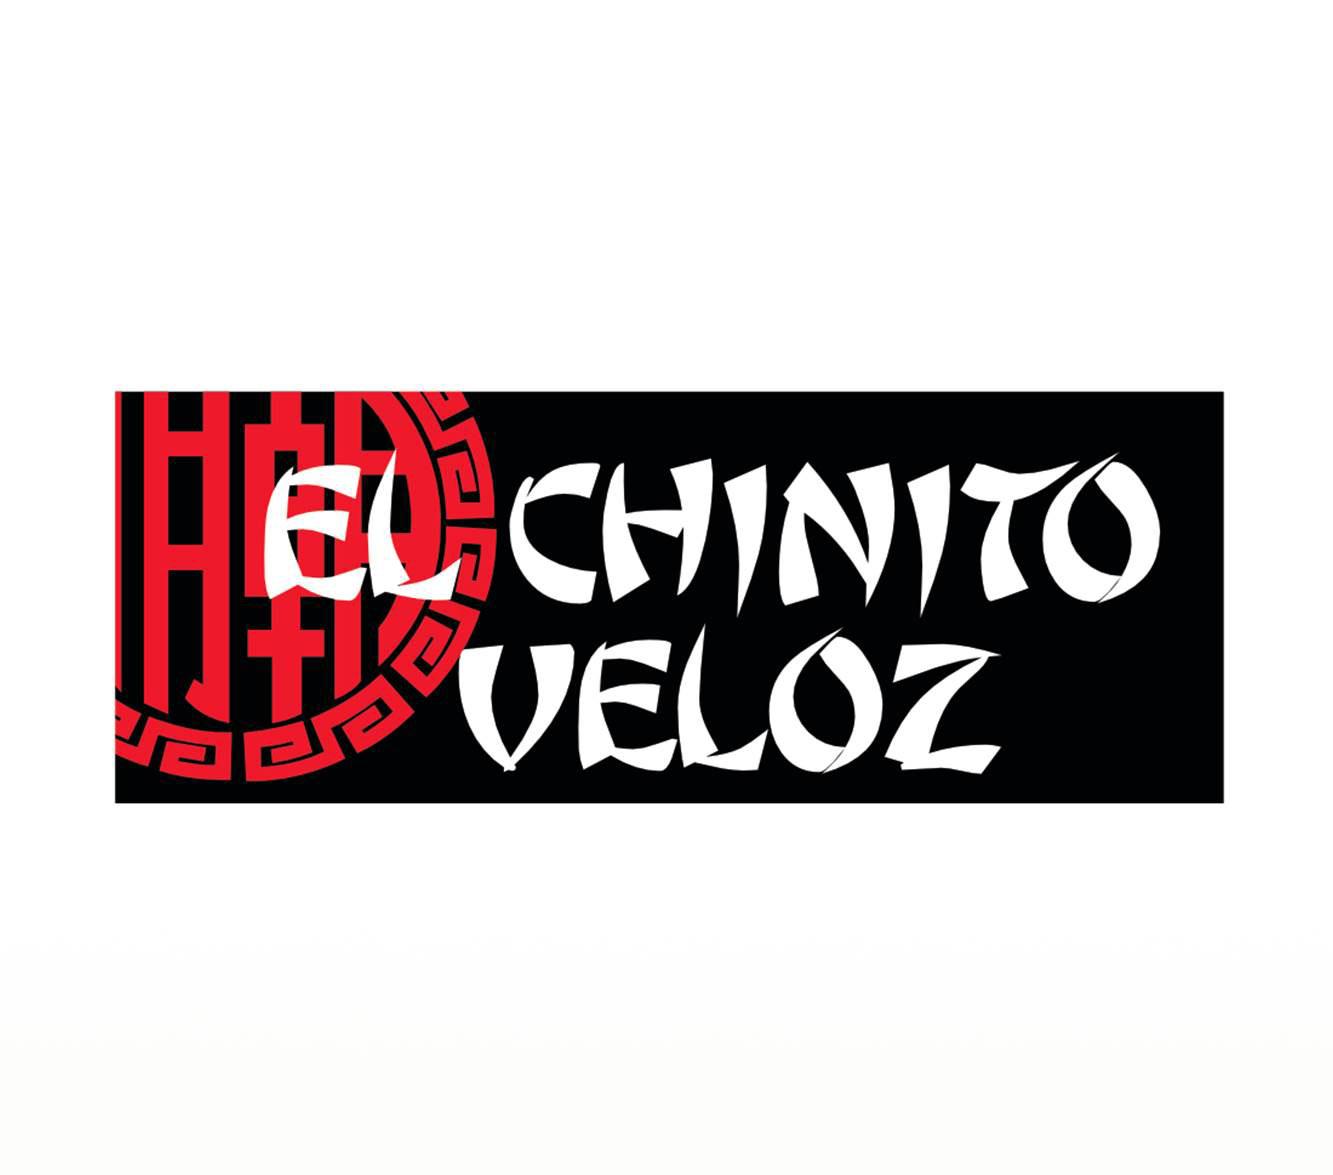 chinito veloz - descarga like la aplicación de parque las américas